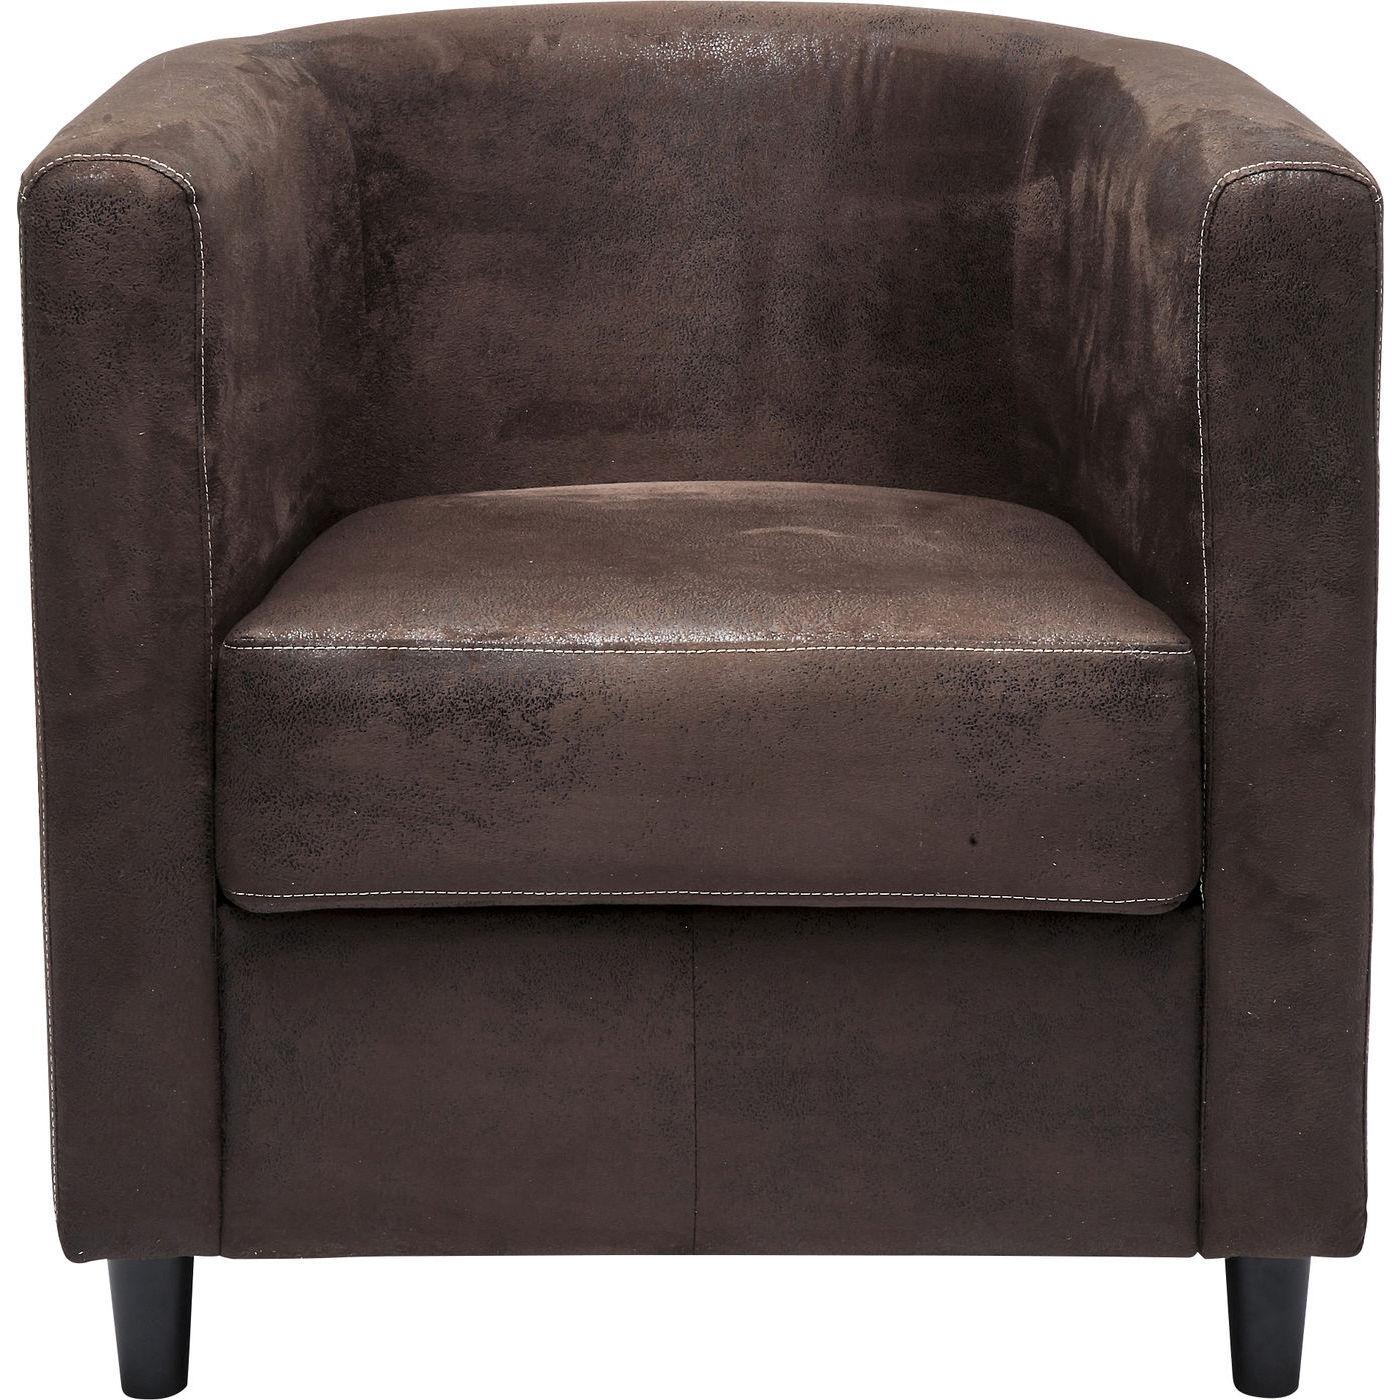 Billede af Kare Design Hvilestol m. Armlæn, Snug Africa